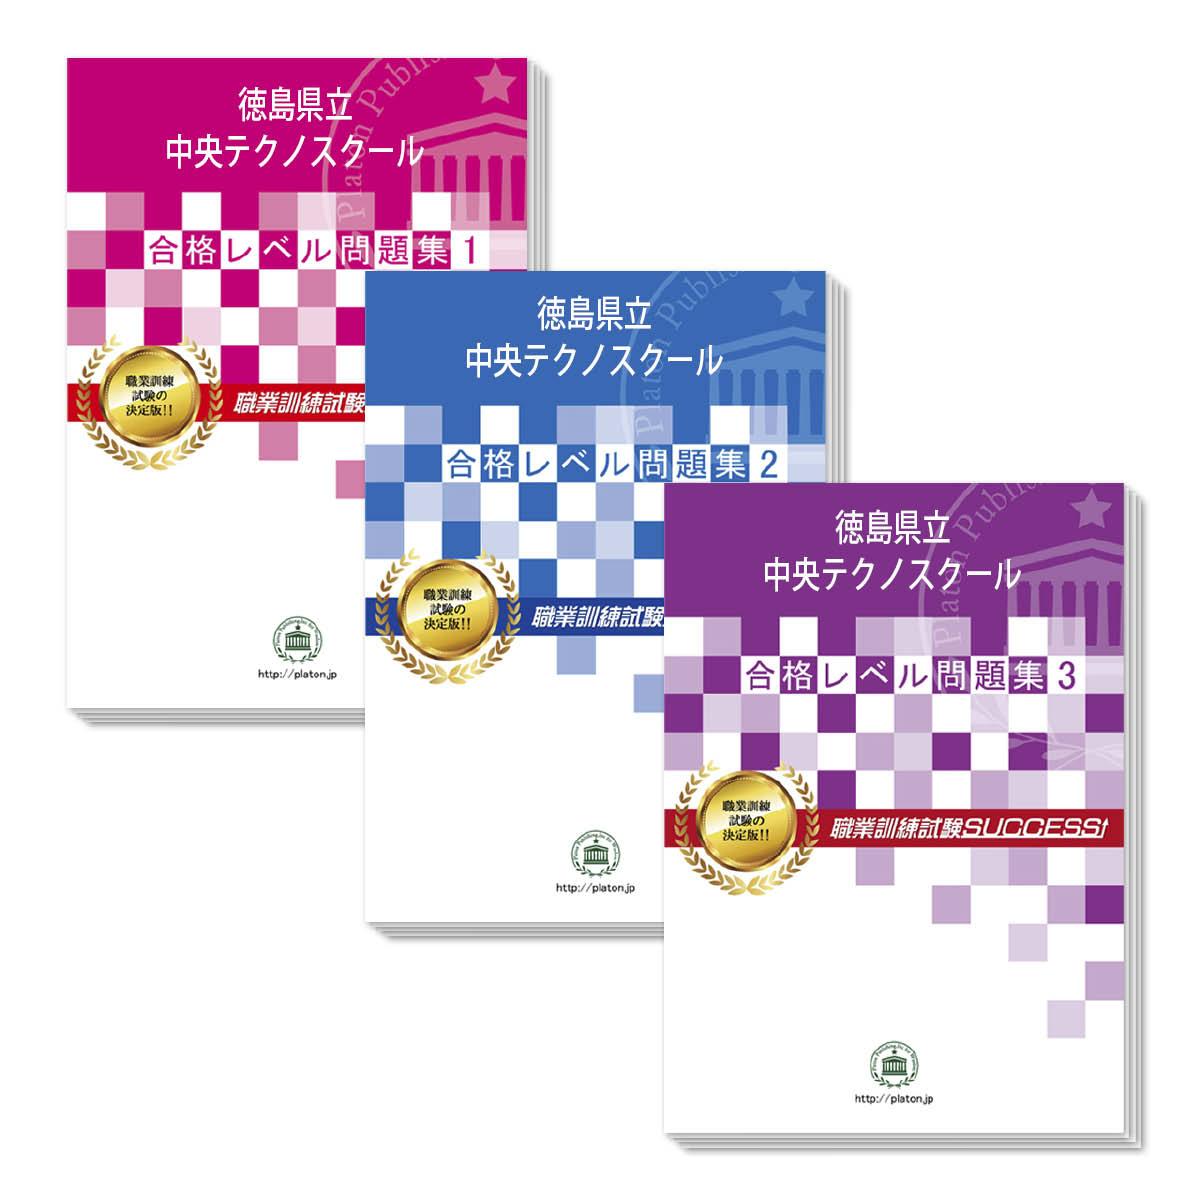 送料 激安☆超特価 代引手数料無料 徳島県立中央テクノスクール 3冊 絶品 受験合格セット問題集